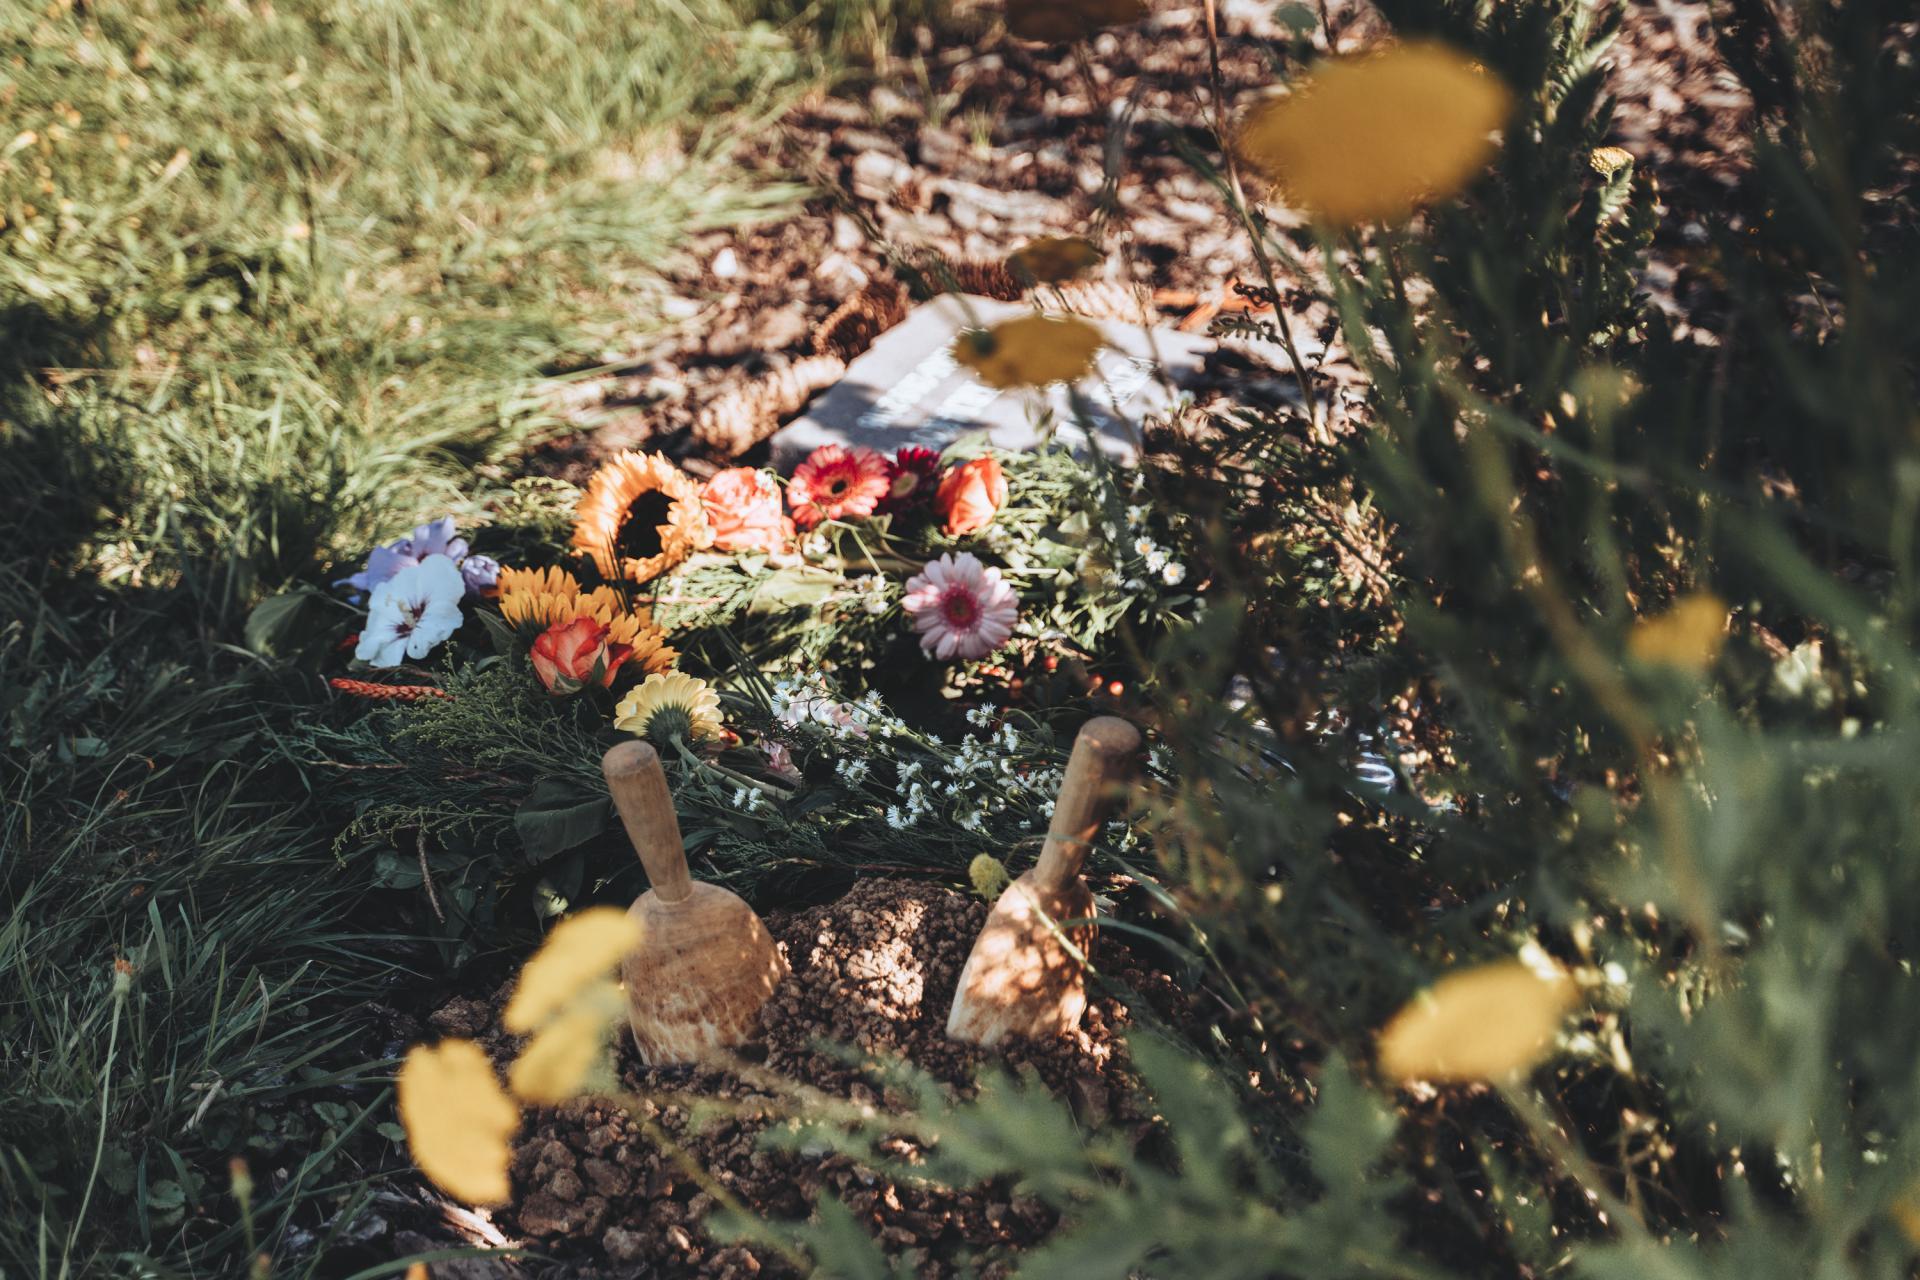 Miesto po uložení popola v kvetinovom záhone.